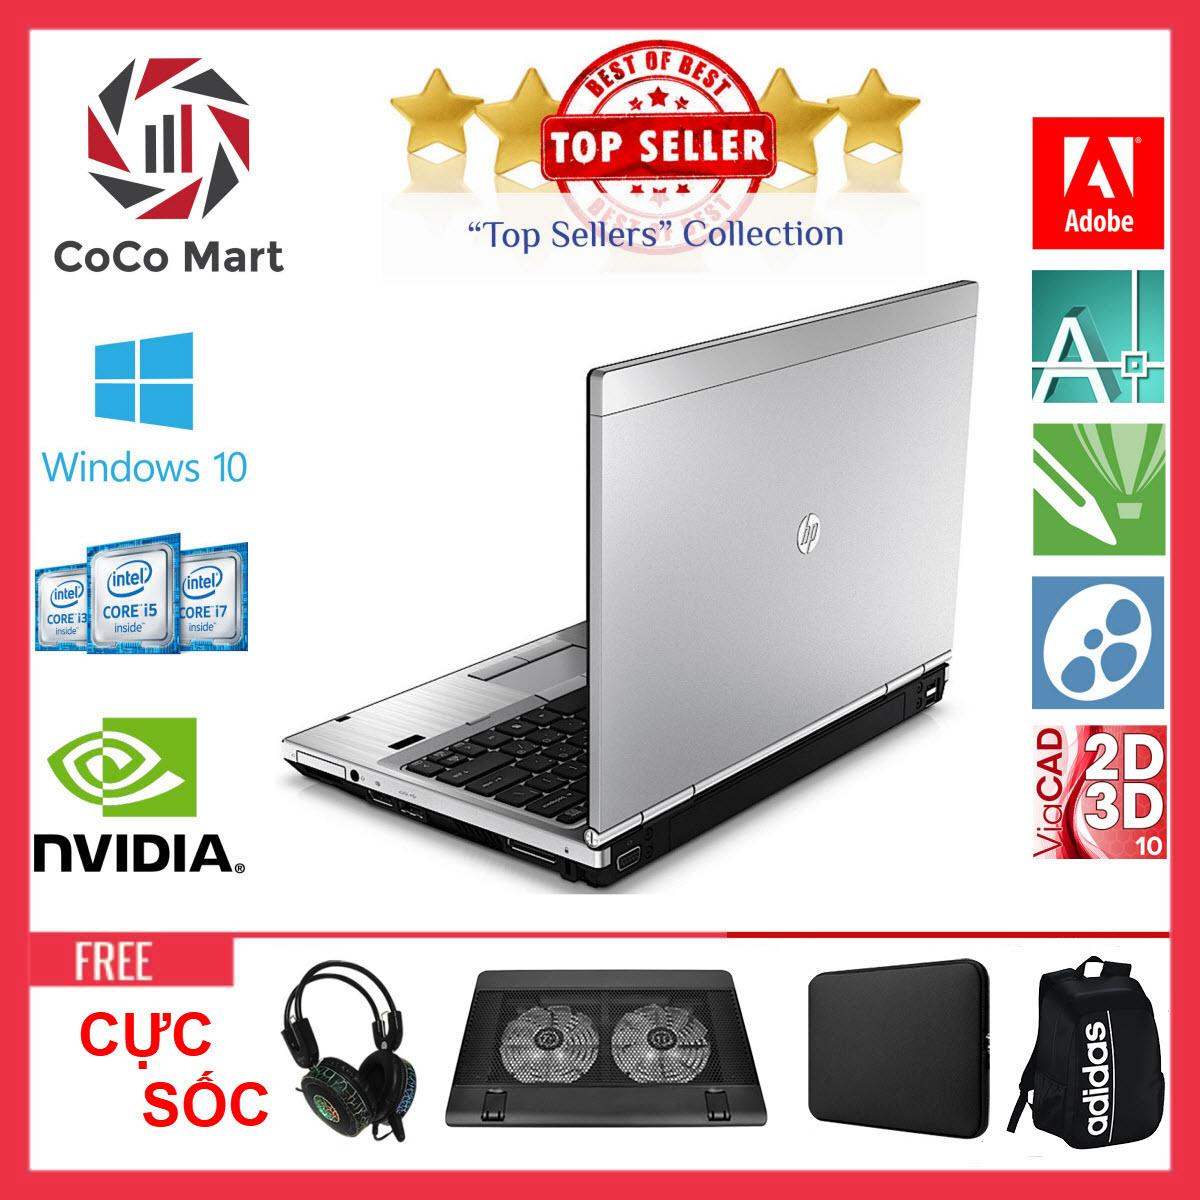 Laptop HP EliteBook 2560p Chạy CPU i5-2520M, 12.5inch, 4GB, SSD 240GB + Bộ Quà Tặng - Hàng Nhập Khẩu